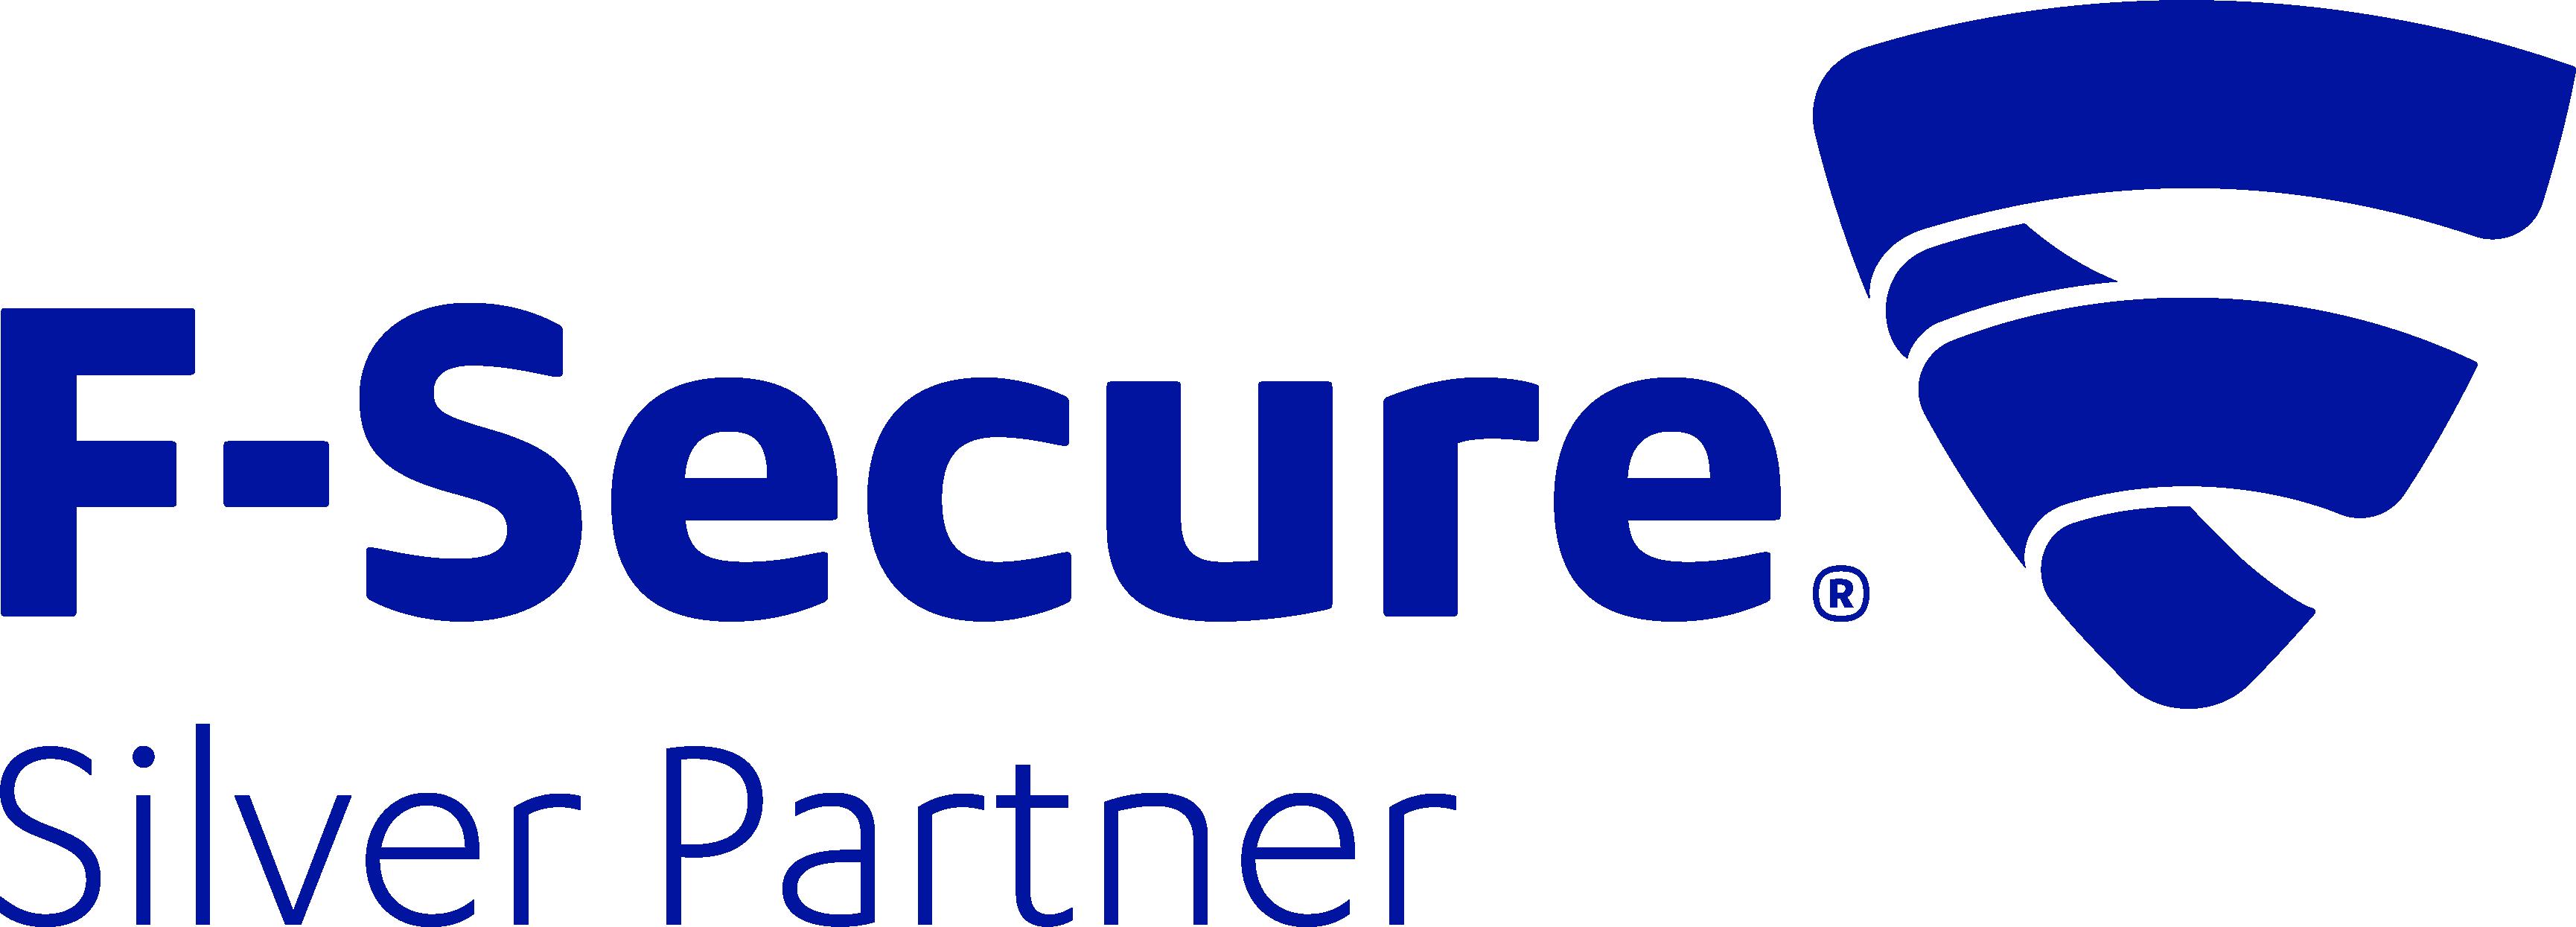 FSecure Silver Partner